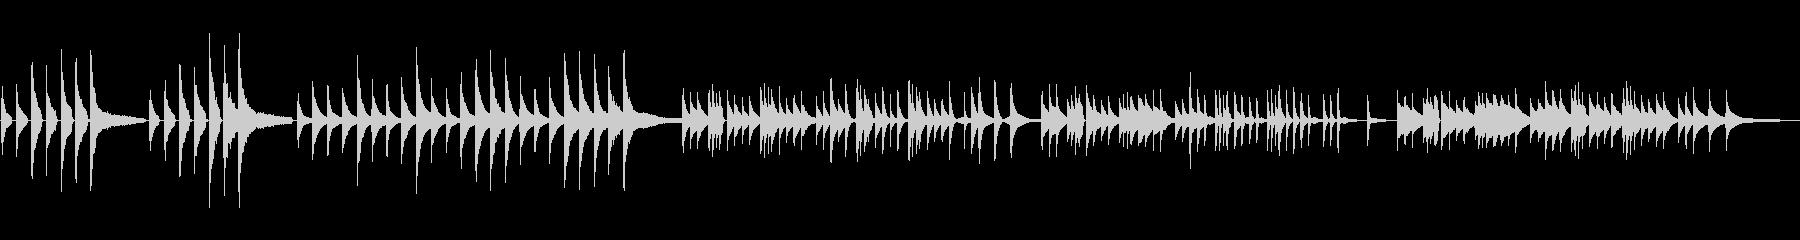 「波紋」美しく静かで不穏、ピアノソロの未再生の波形